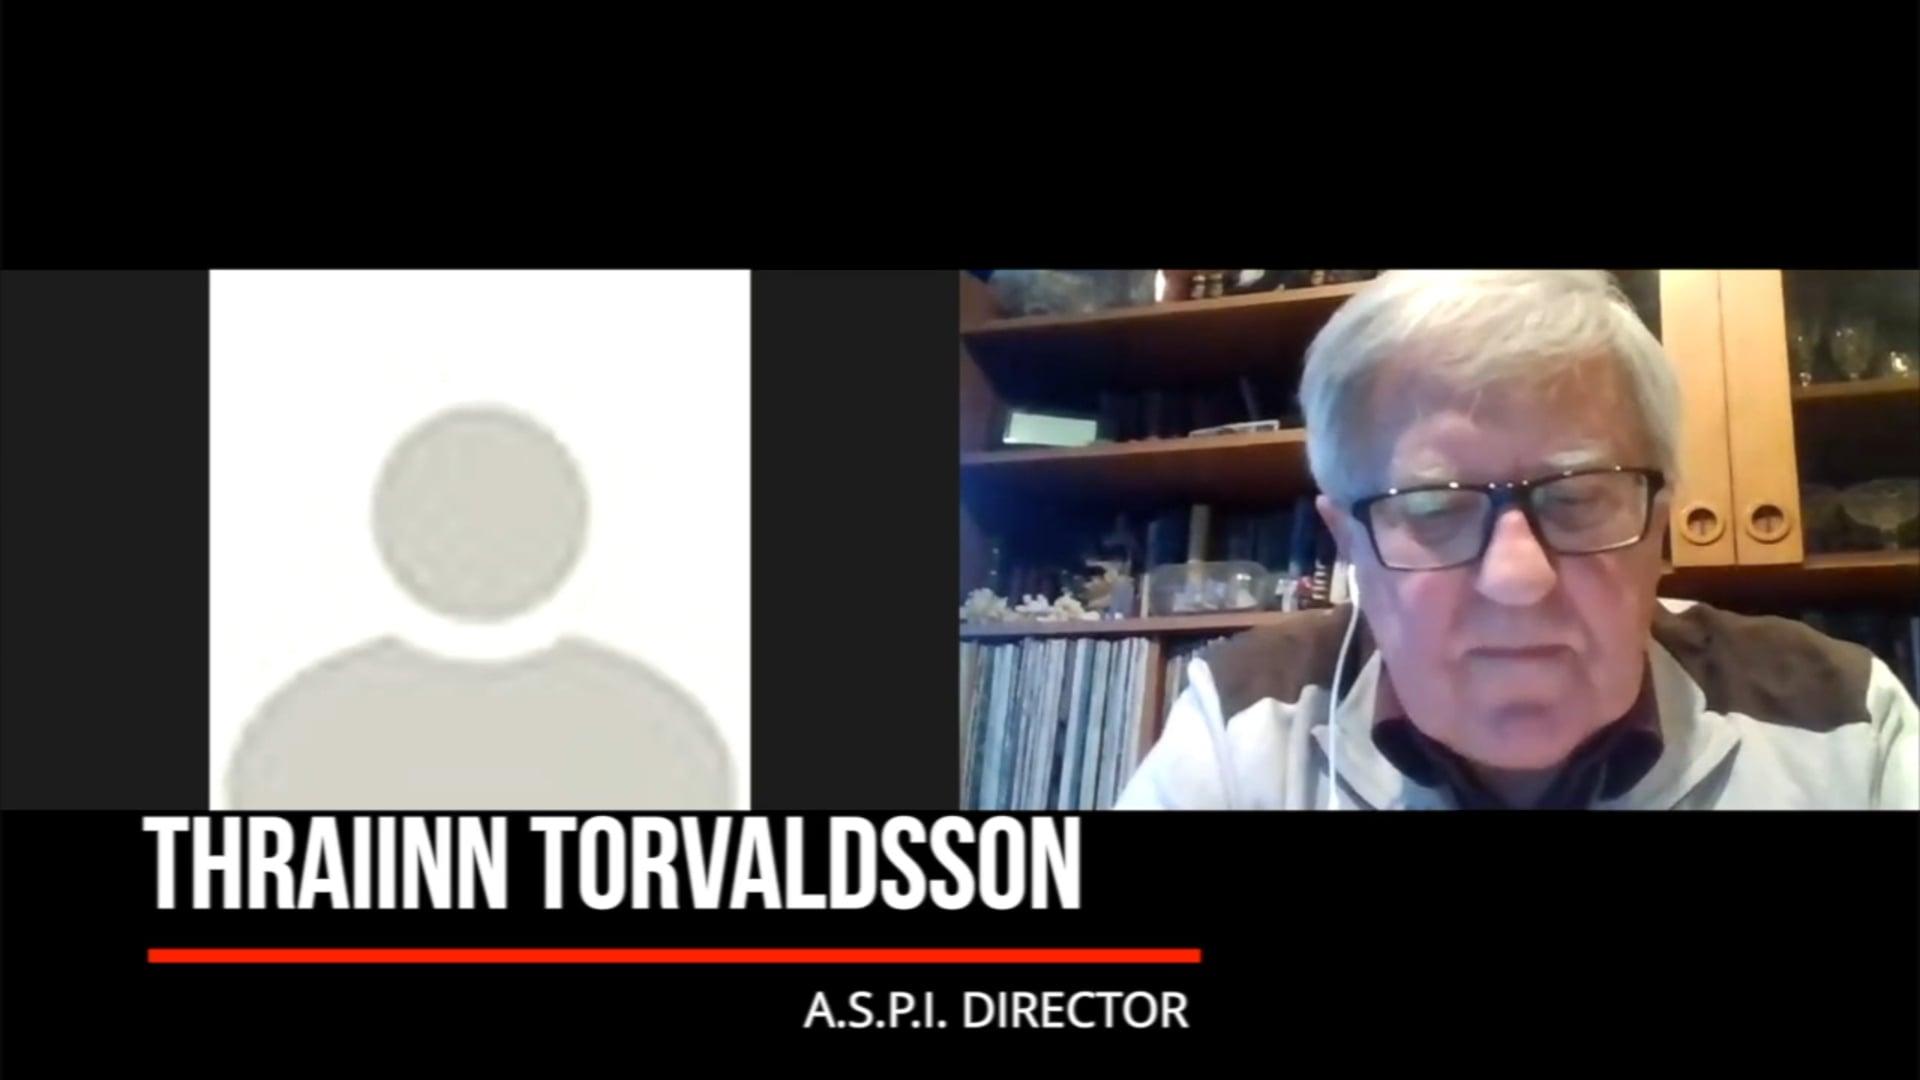 ASPI JAN 2021 Thraiinn Torvaldsson